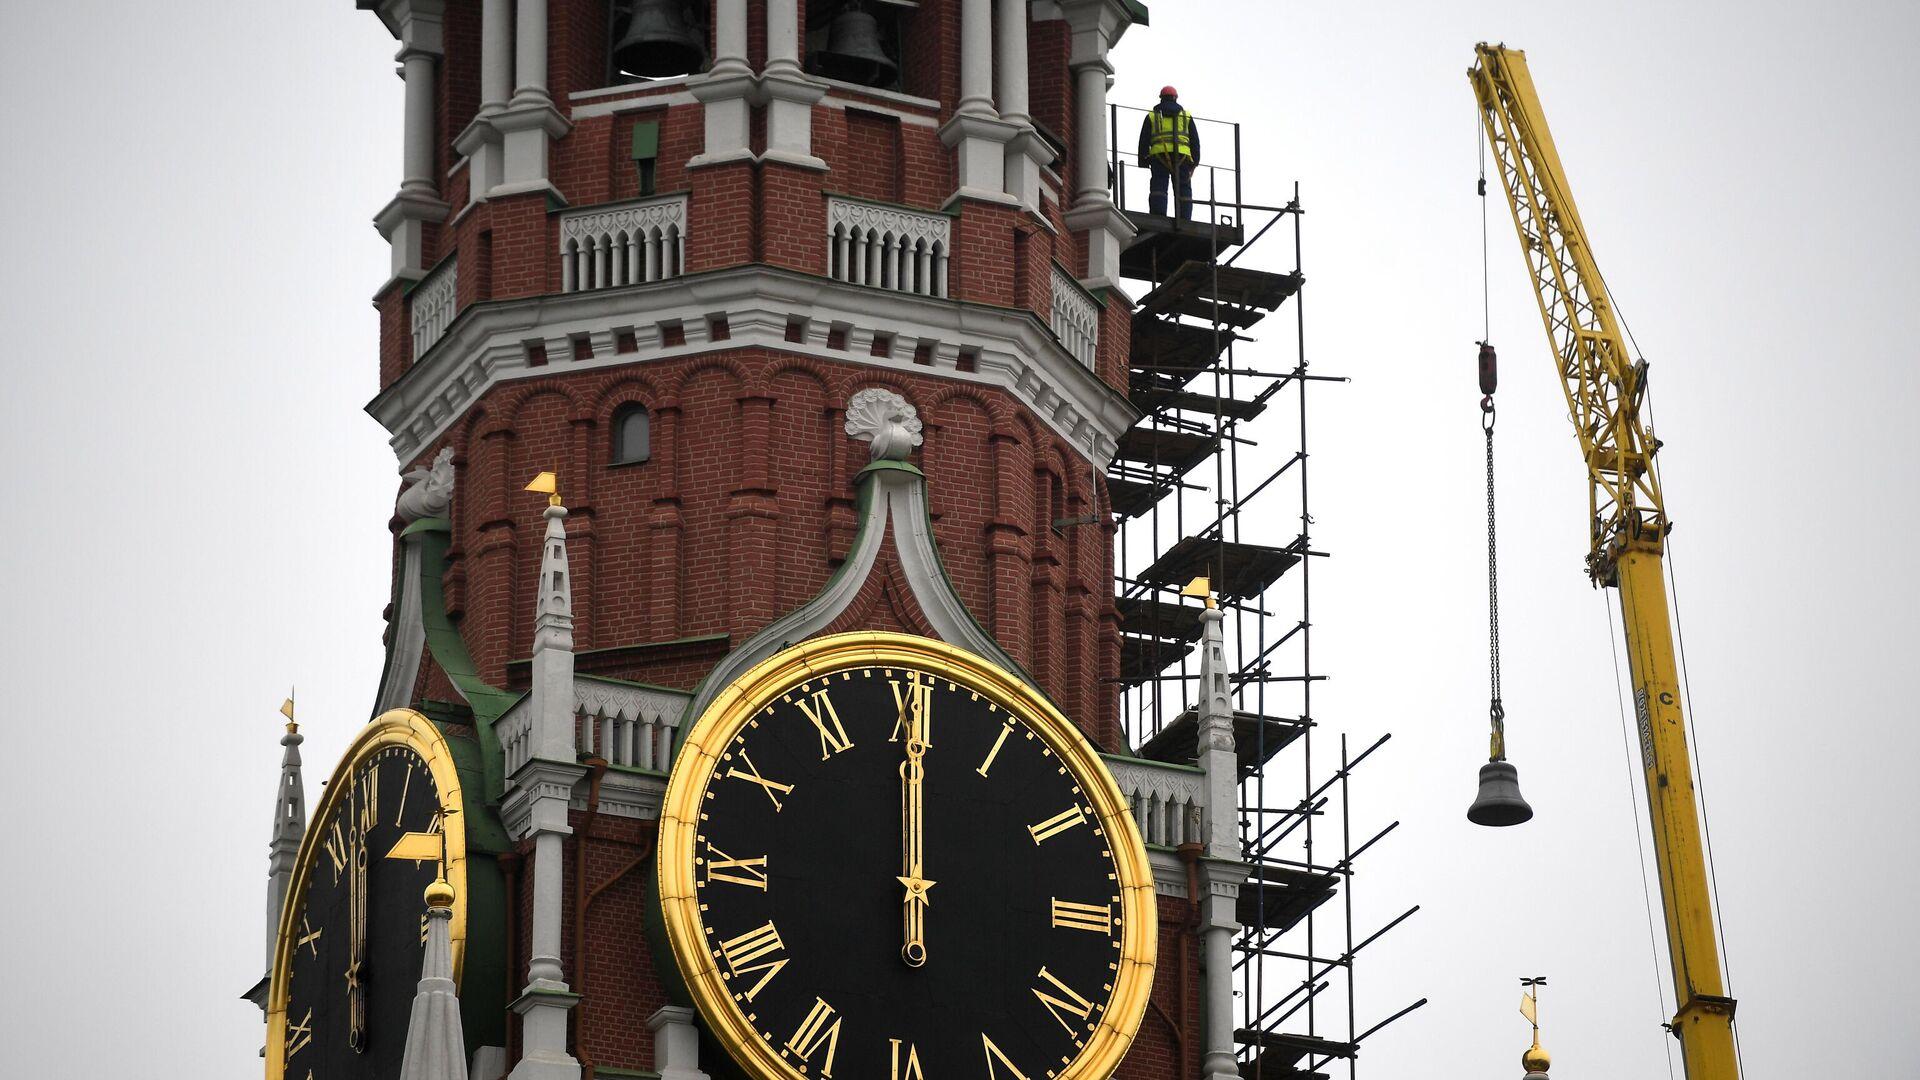 Подъем колокола для установки в звонницу Спасской башни Кремля - РИА Новости, 1920, 03.11.2020